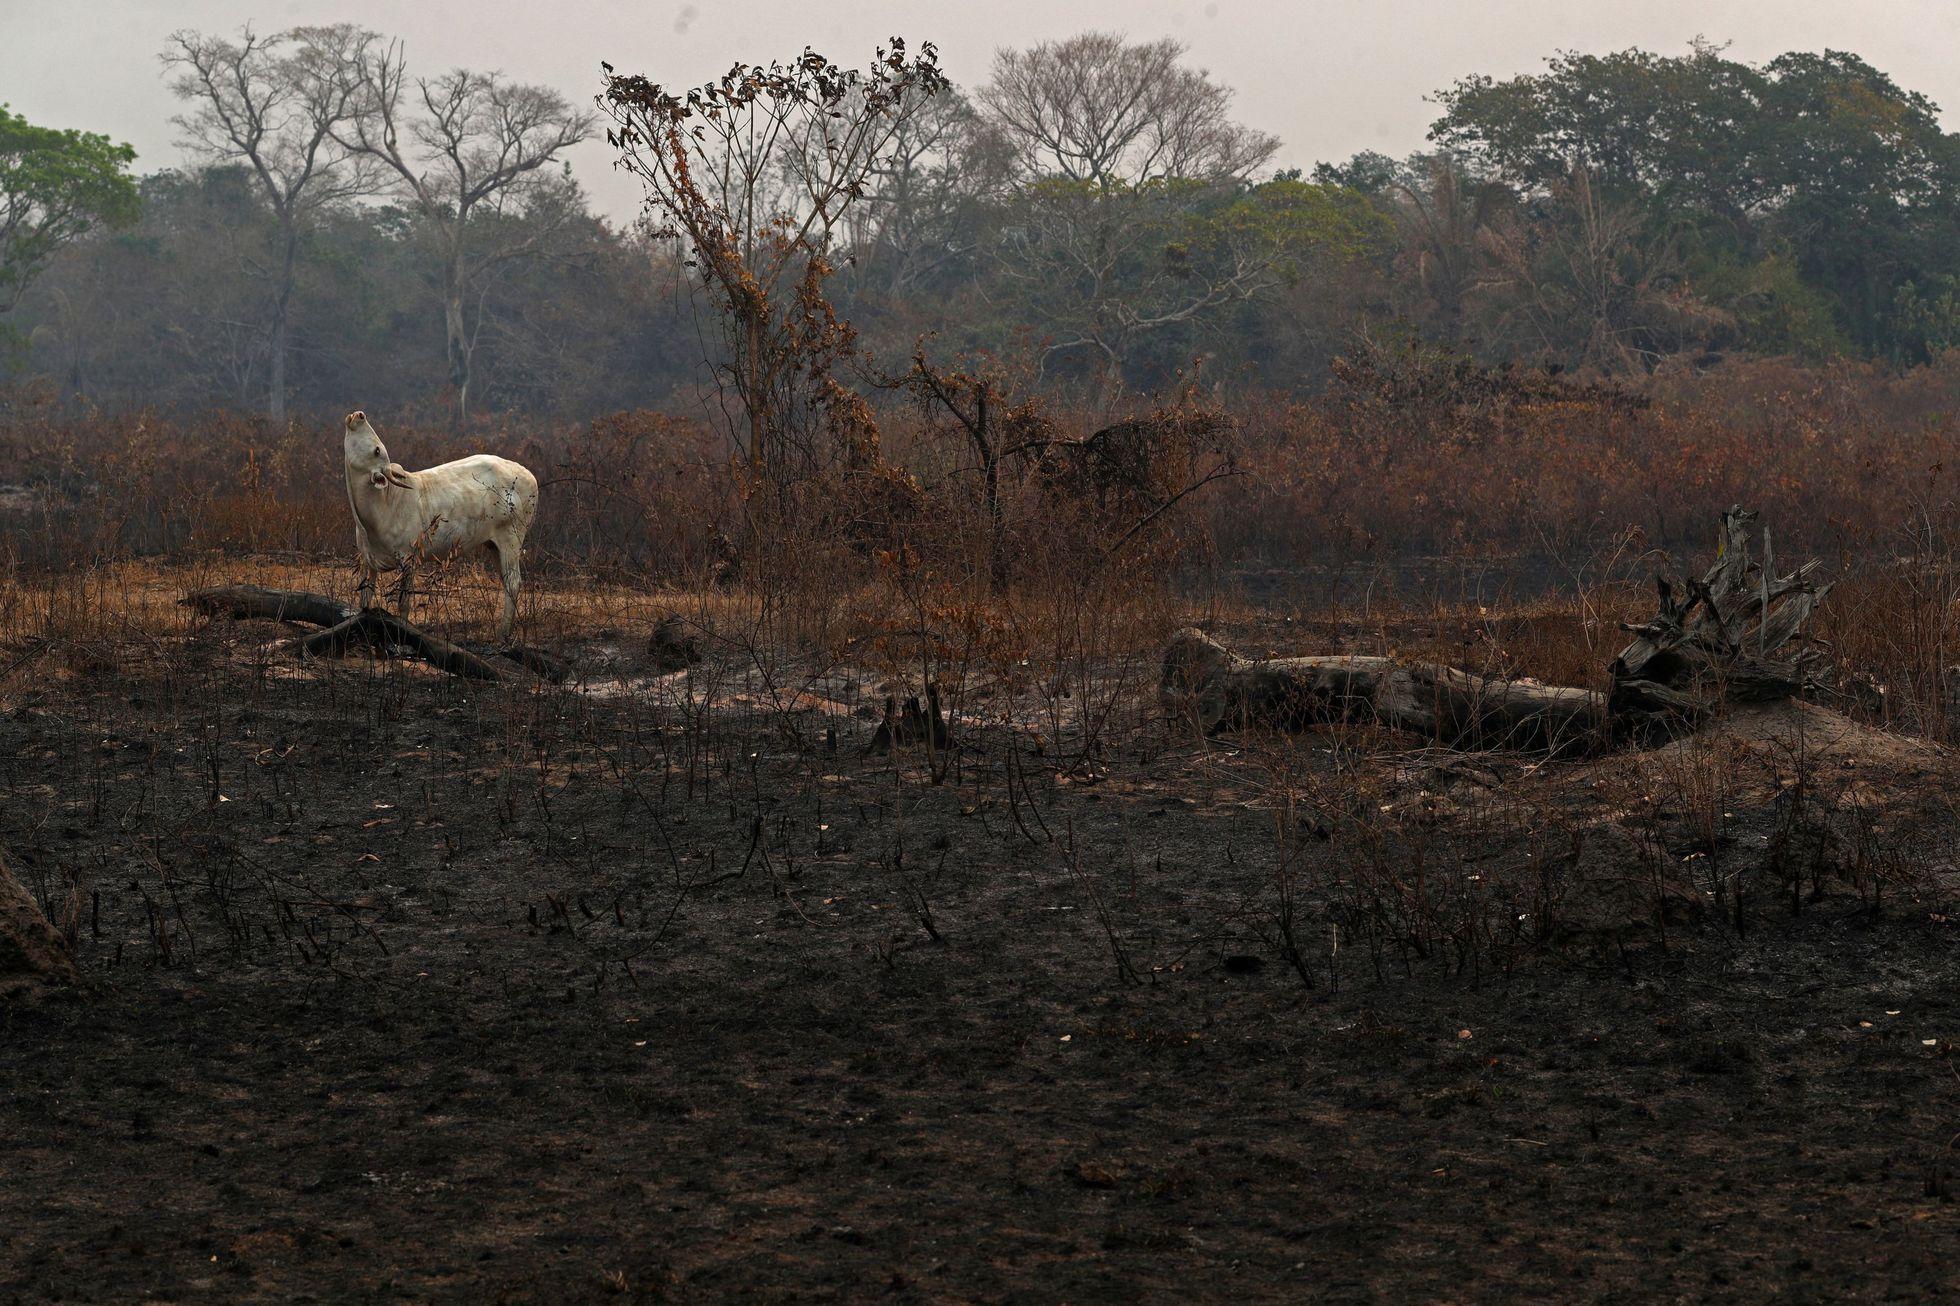 Požáry ohrožují i dobytek, který tu chovají místní farmáři.